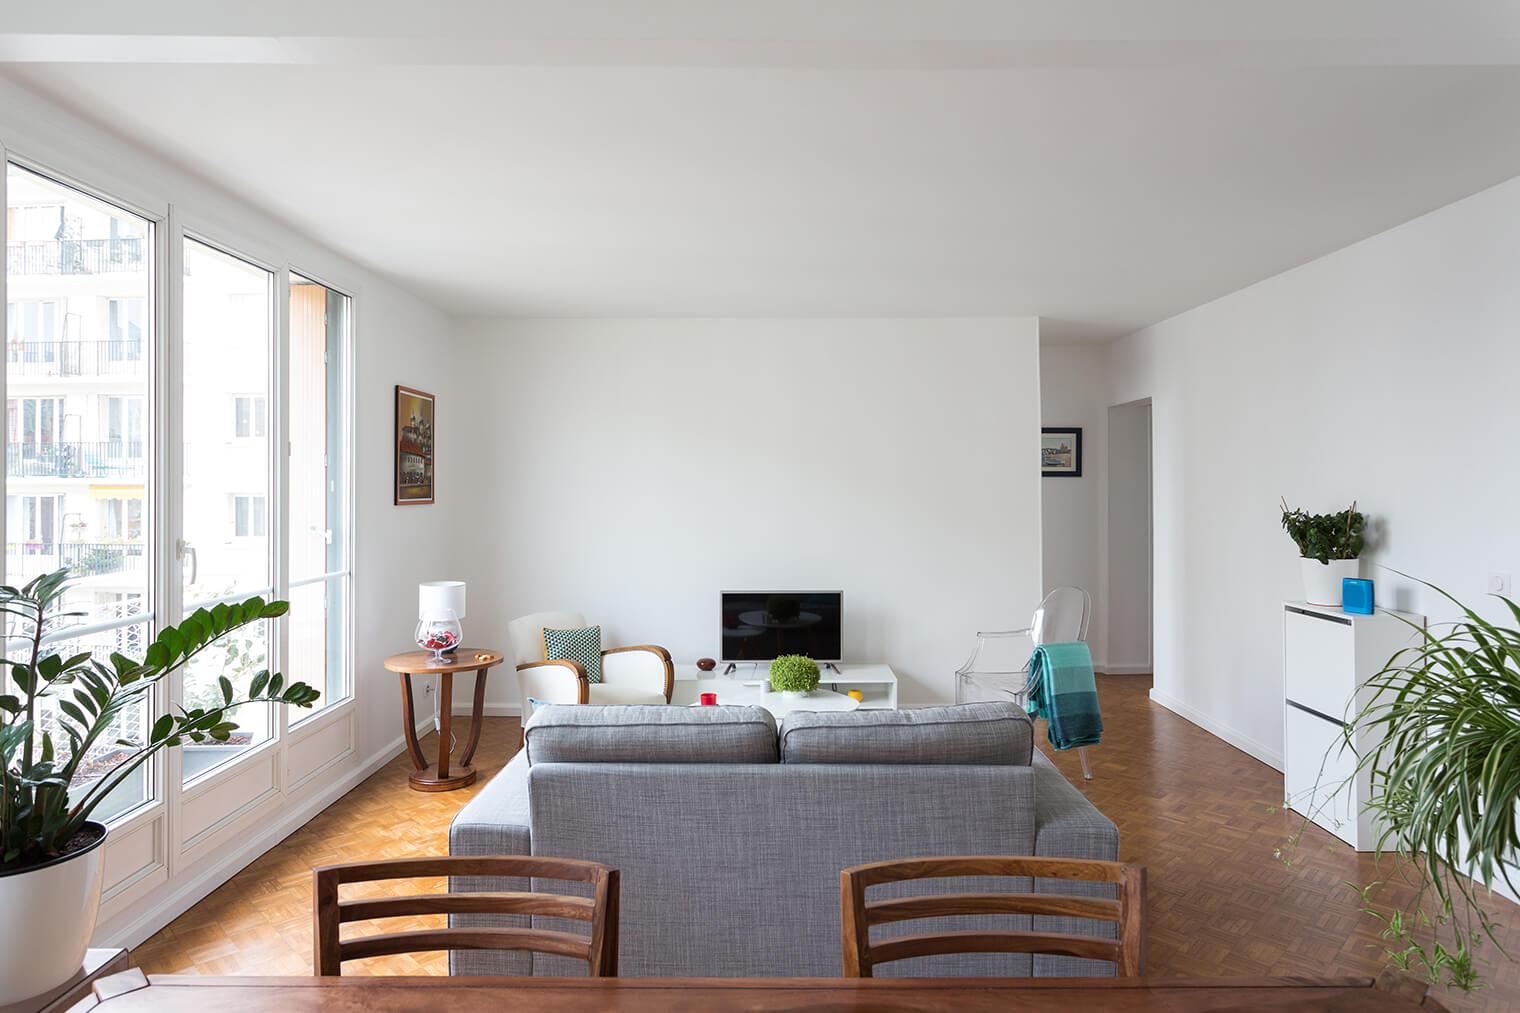 Rénovation parquet damier dans appartement parisien